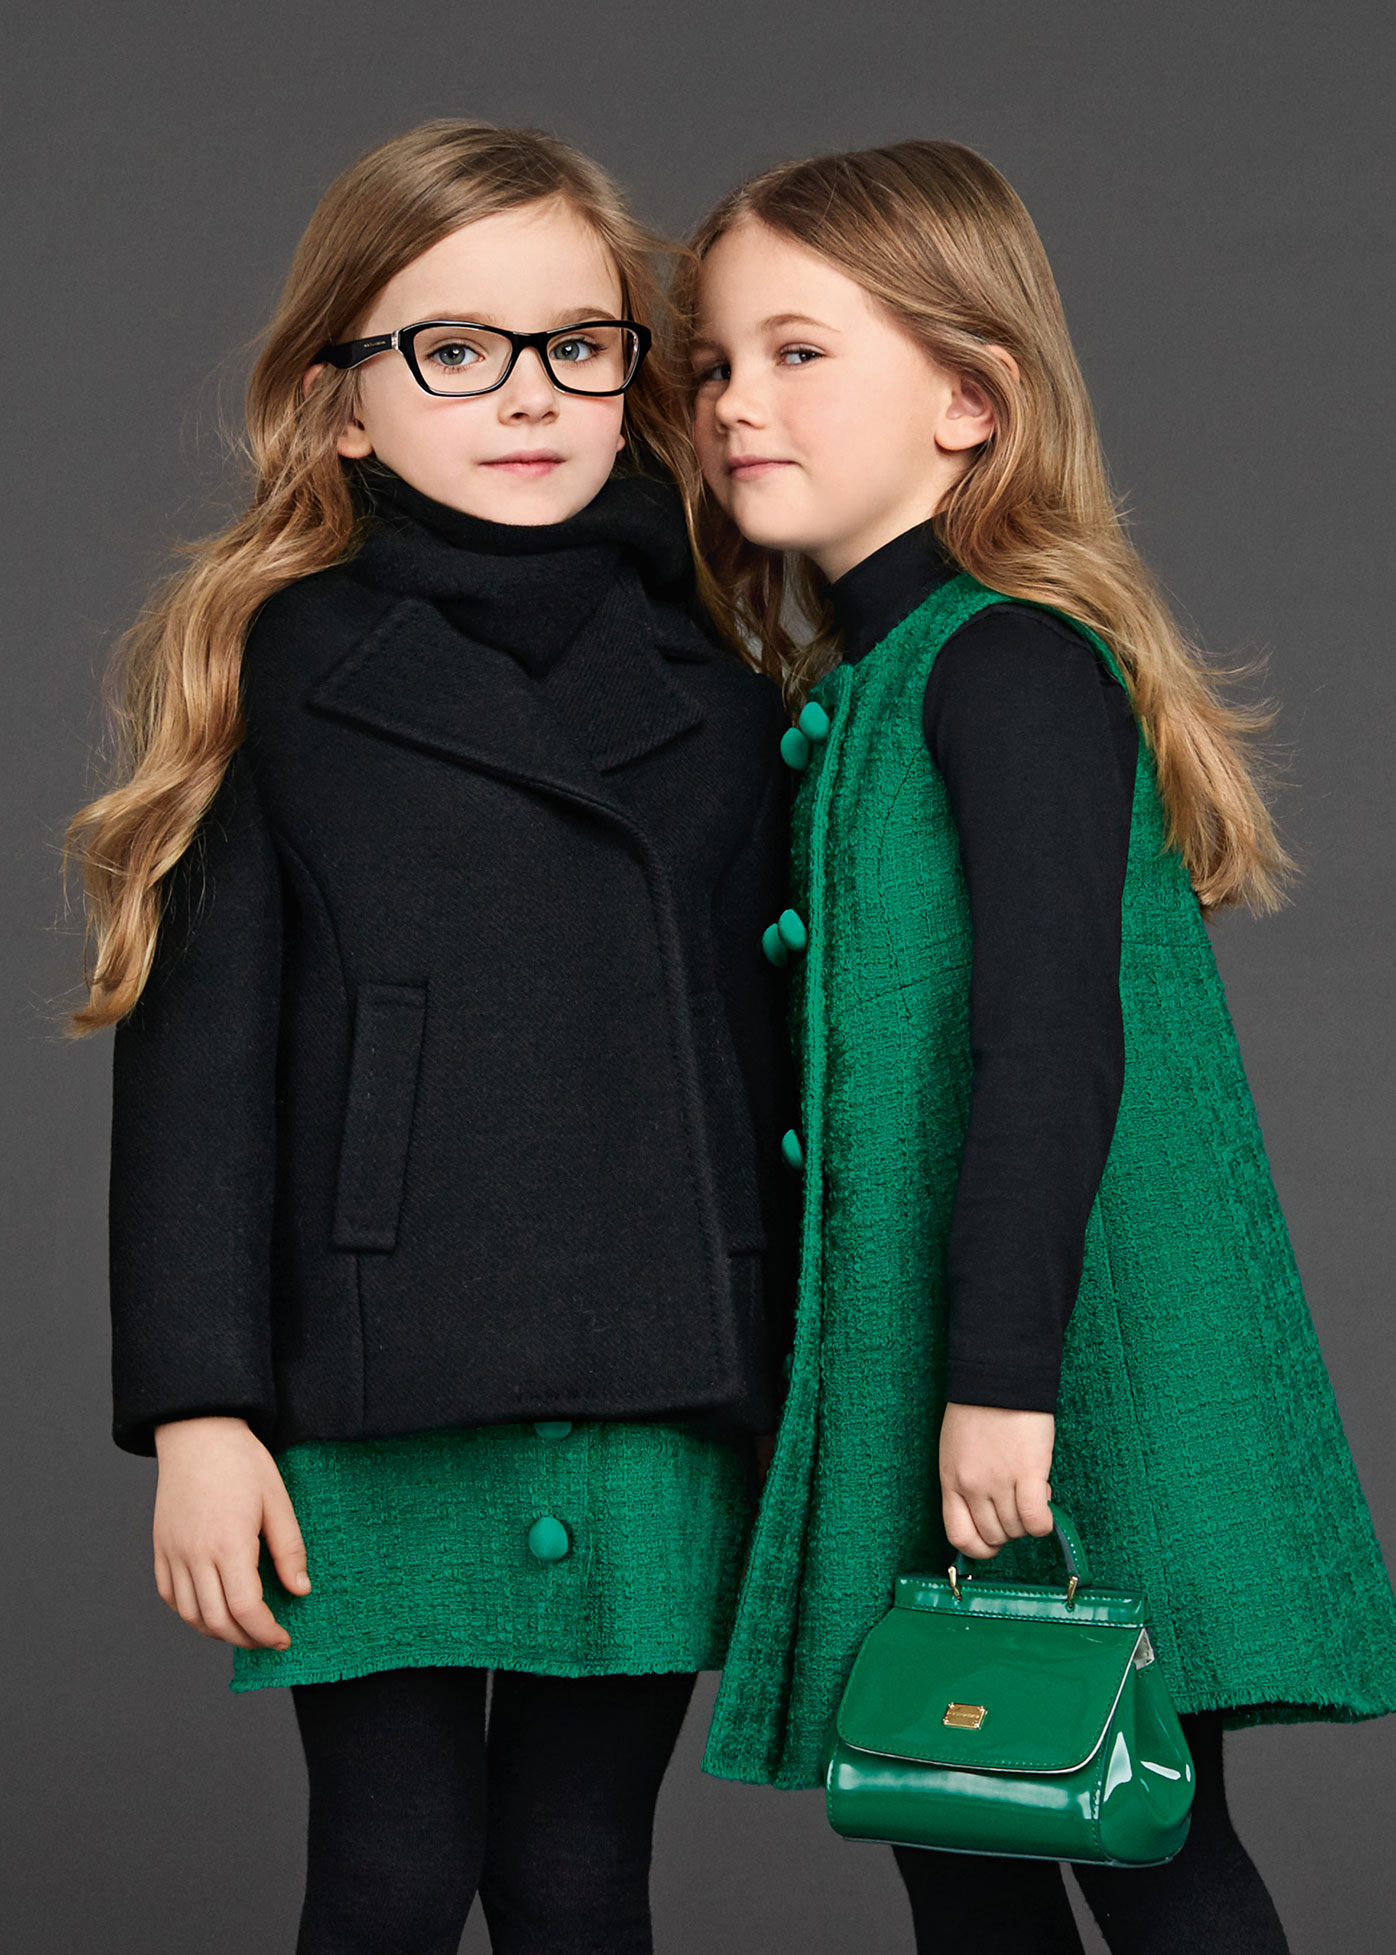 Стоимость детской одежды иногда даже в несколько раз больше взрослой. Вот и  приходится родителям выискивать способы, чтобы одеть ребенка в  качественные, ... b28eb2fa6ef